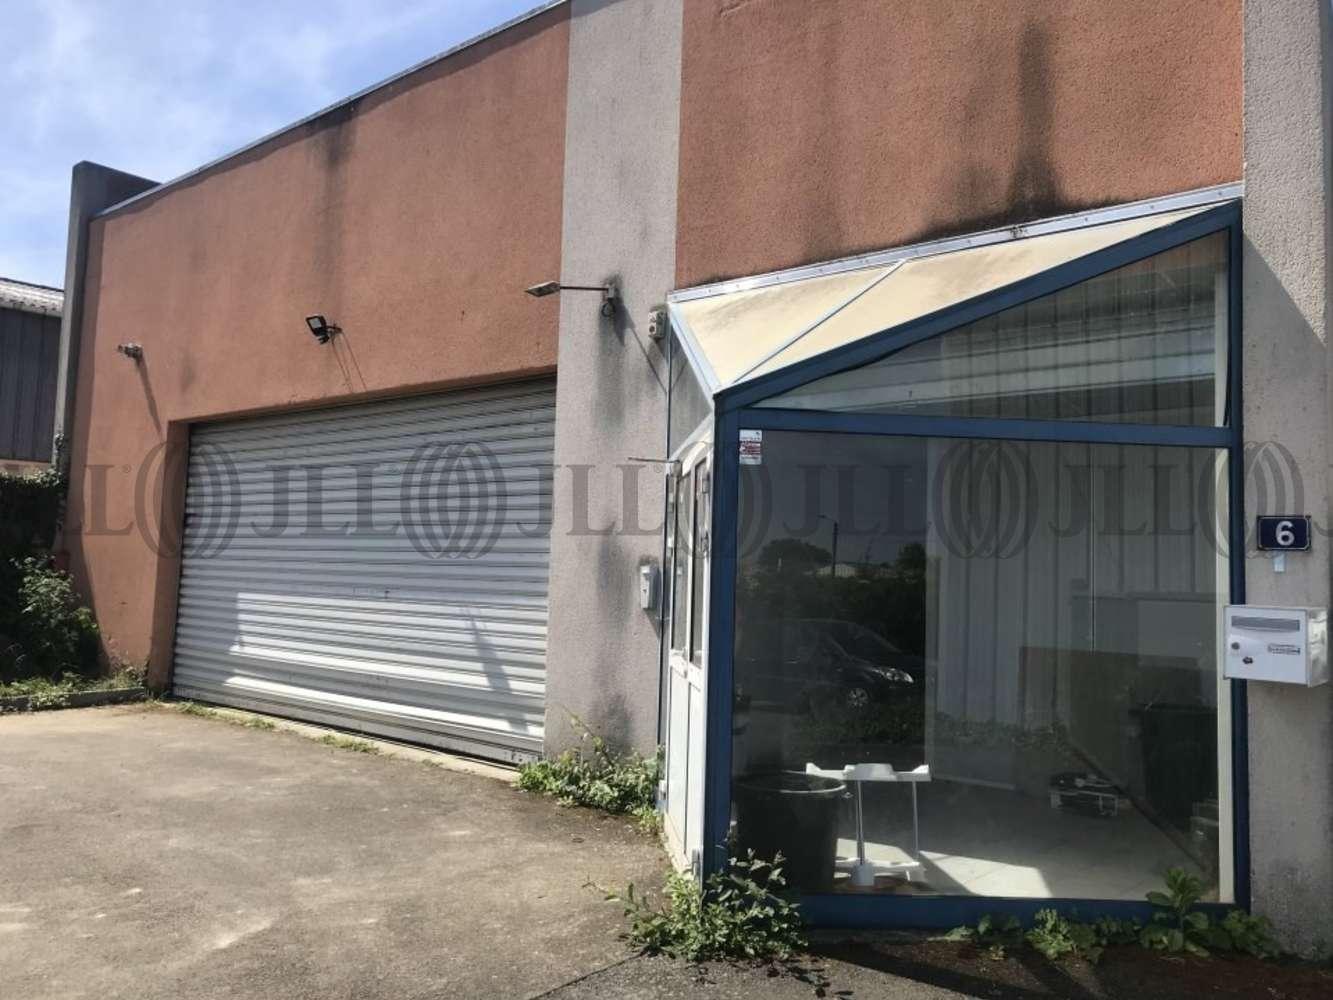 Activités/entrepôt Rennes, 35000 - 6 BIS RUE DU PRE DU BOIS - 10765414